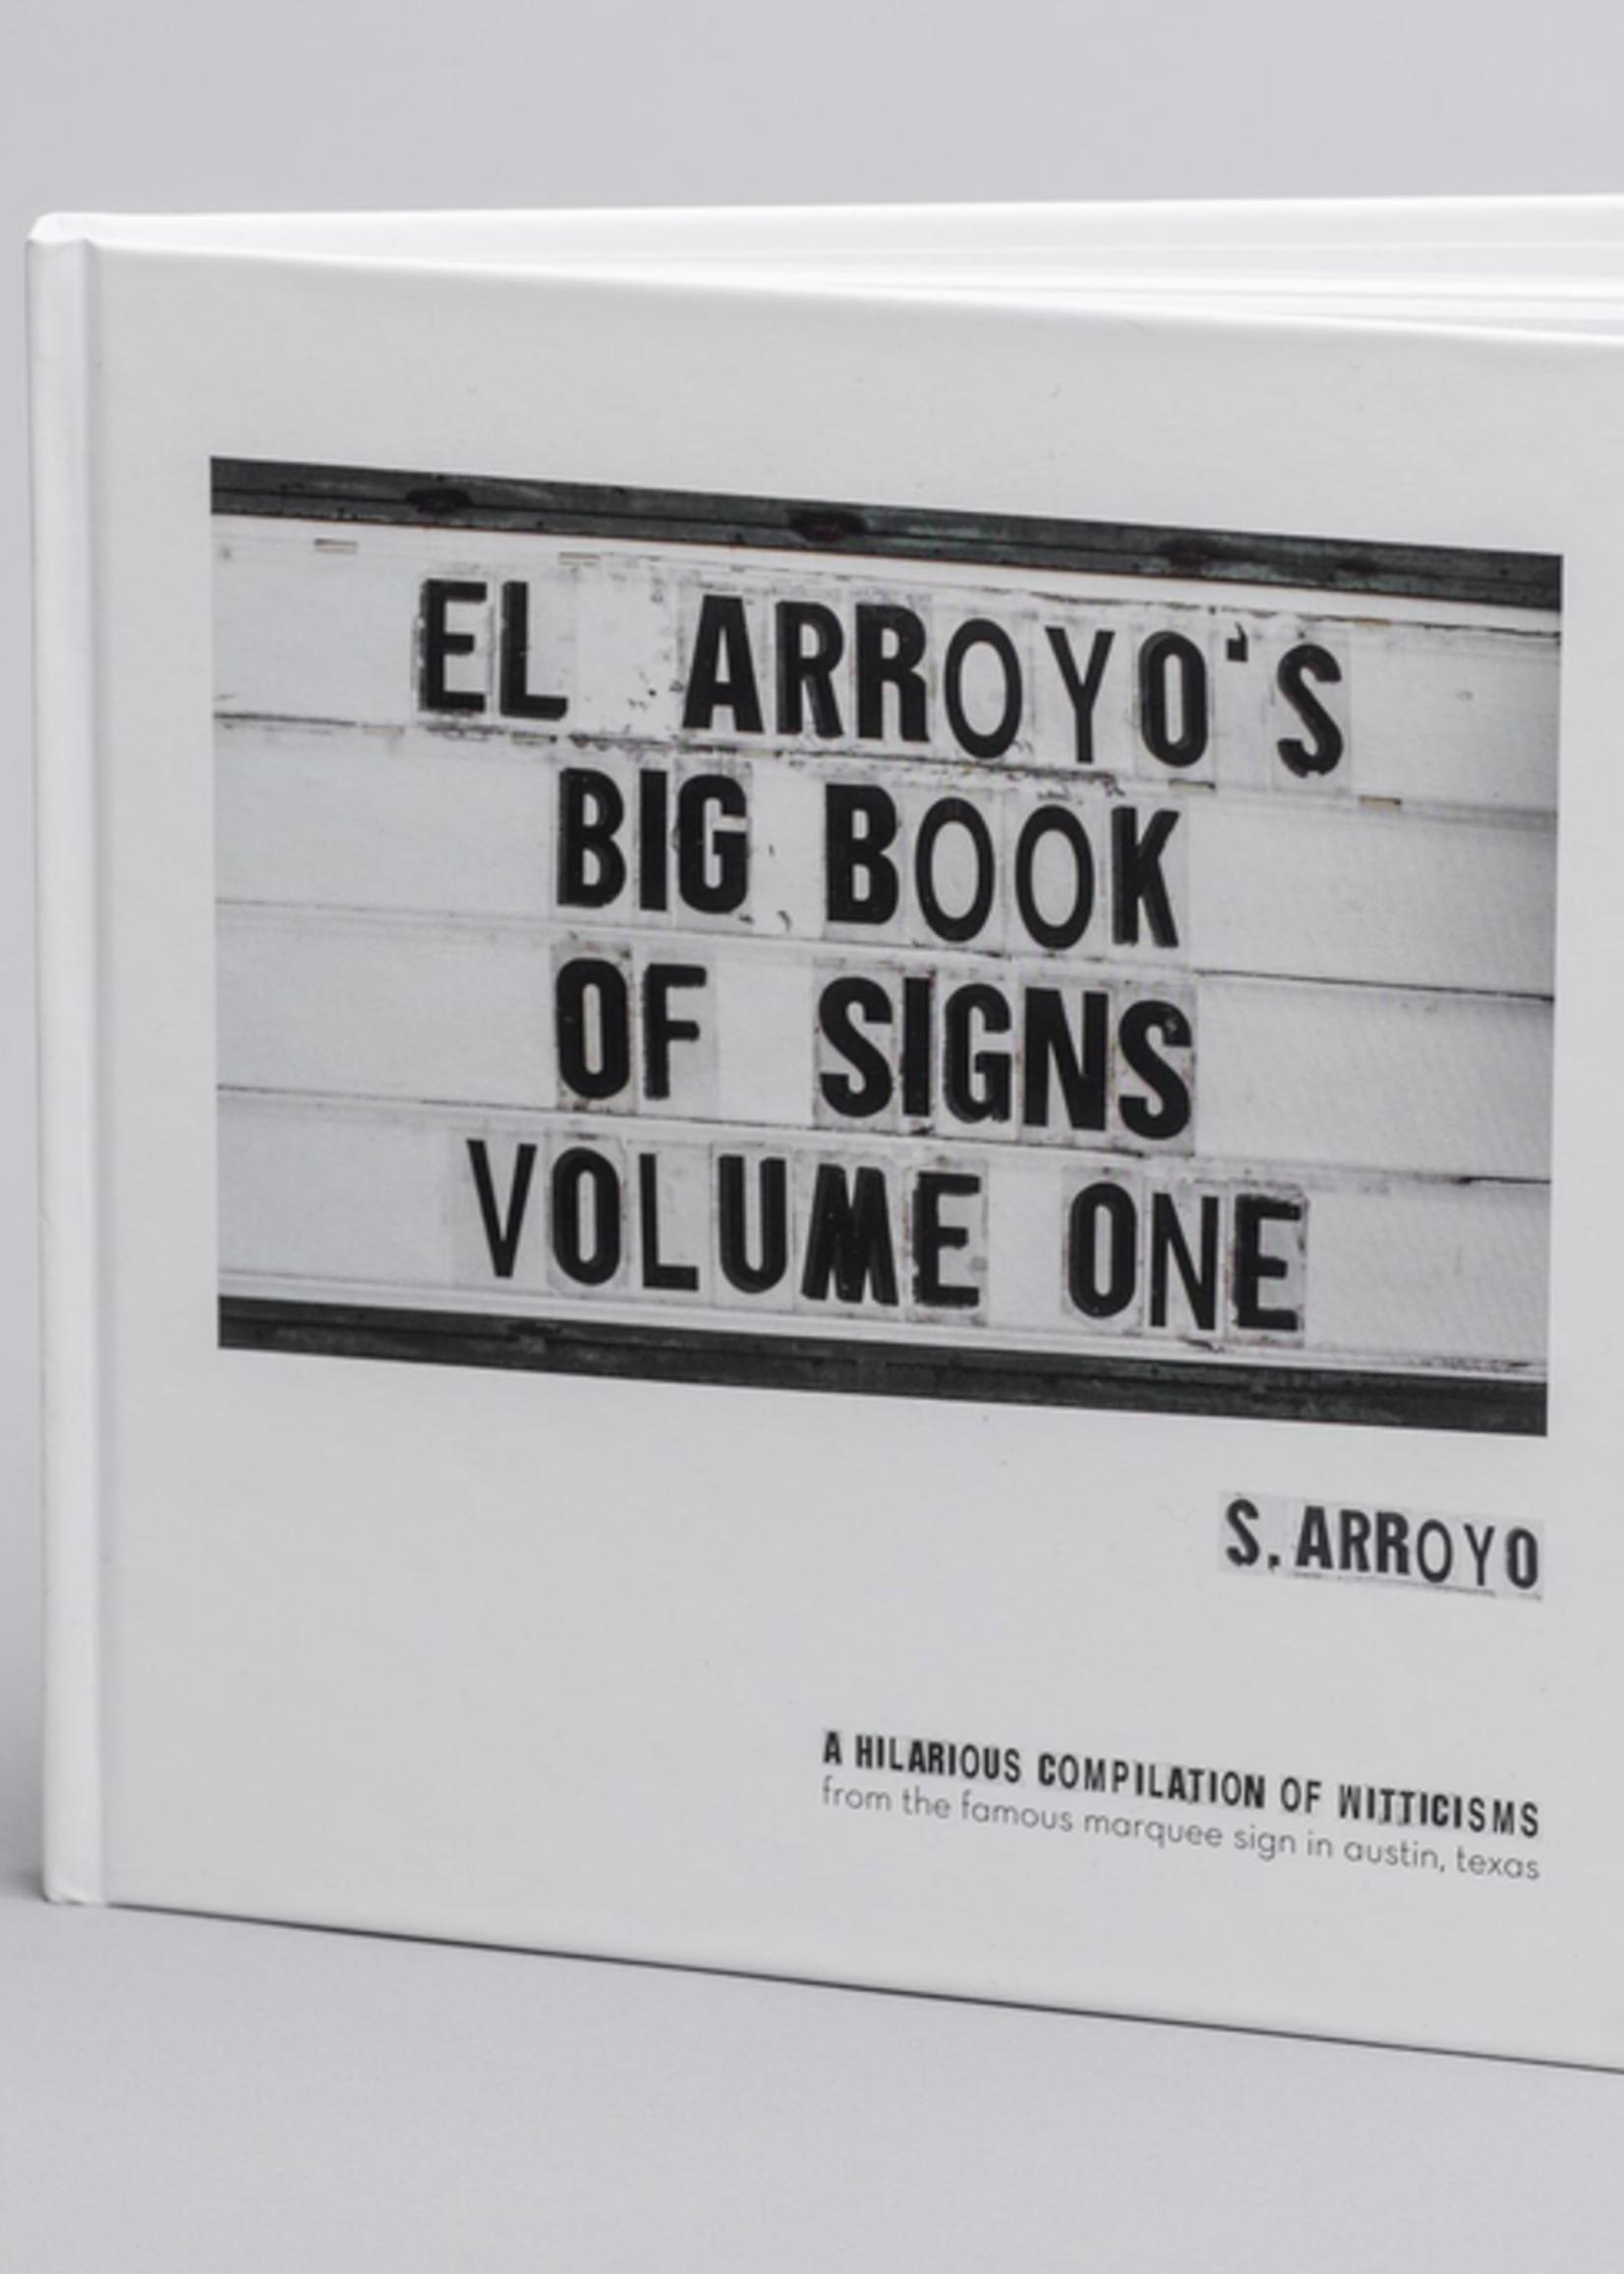 Cozumel El Arroyo's Big Book Vol 1